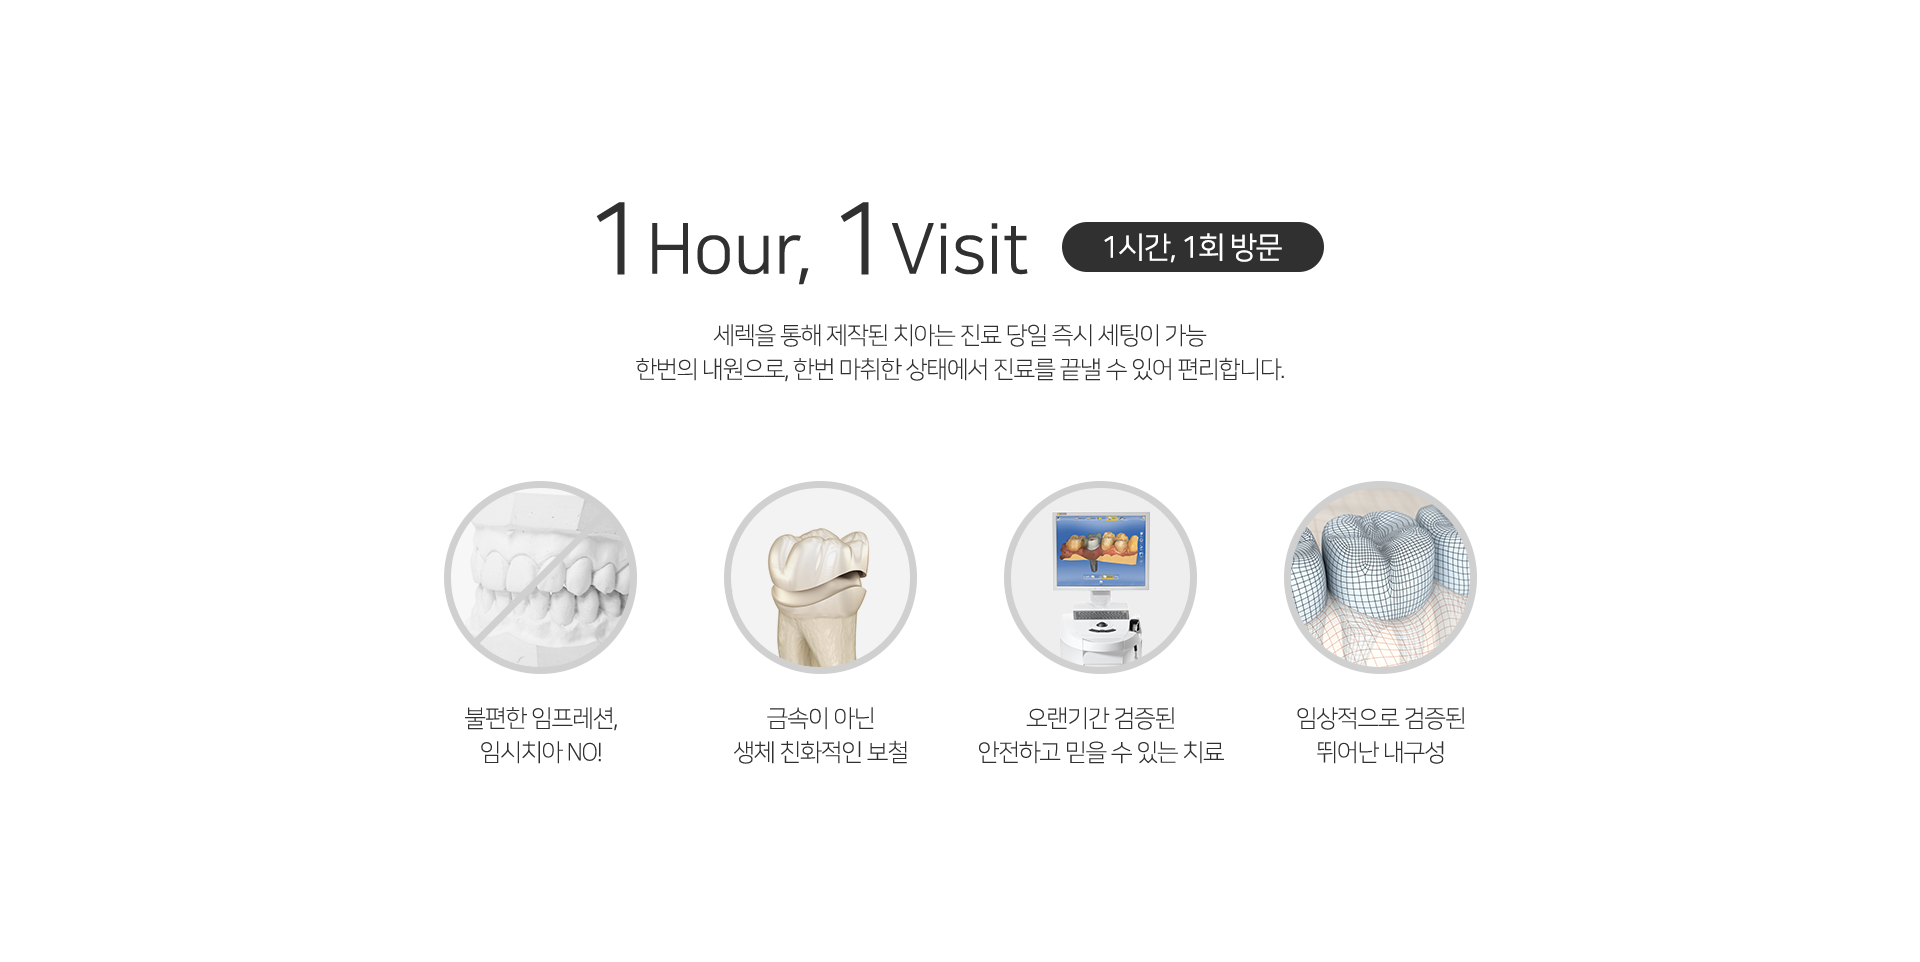 1시간, 1회 방문 - 세렉을 통해 제작된 치아는 진료 당일 즉시 세팅이 가능 한번의 내원으로, 한번 마취한 상태에서 진료를 끝낼 수 있어 편리합니다.